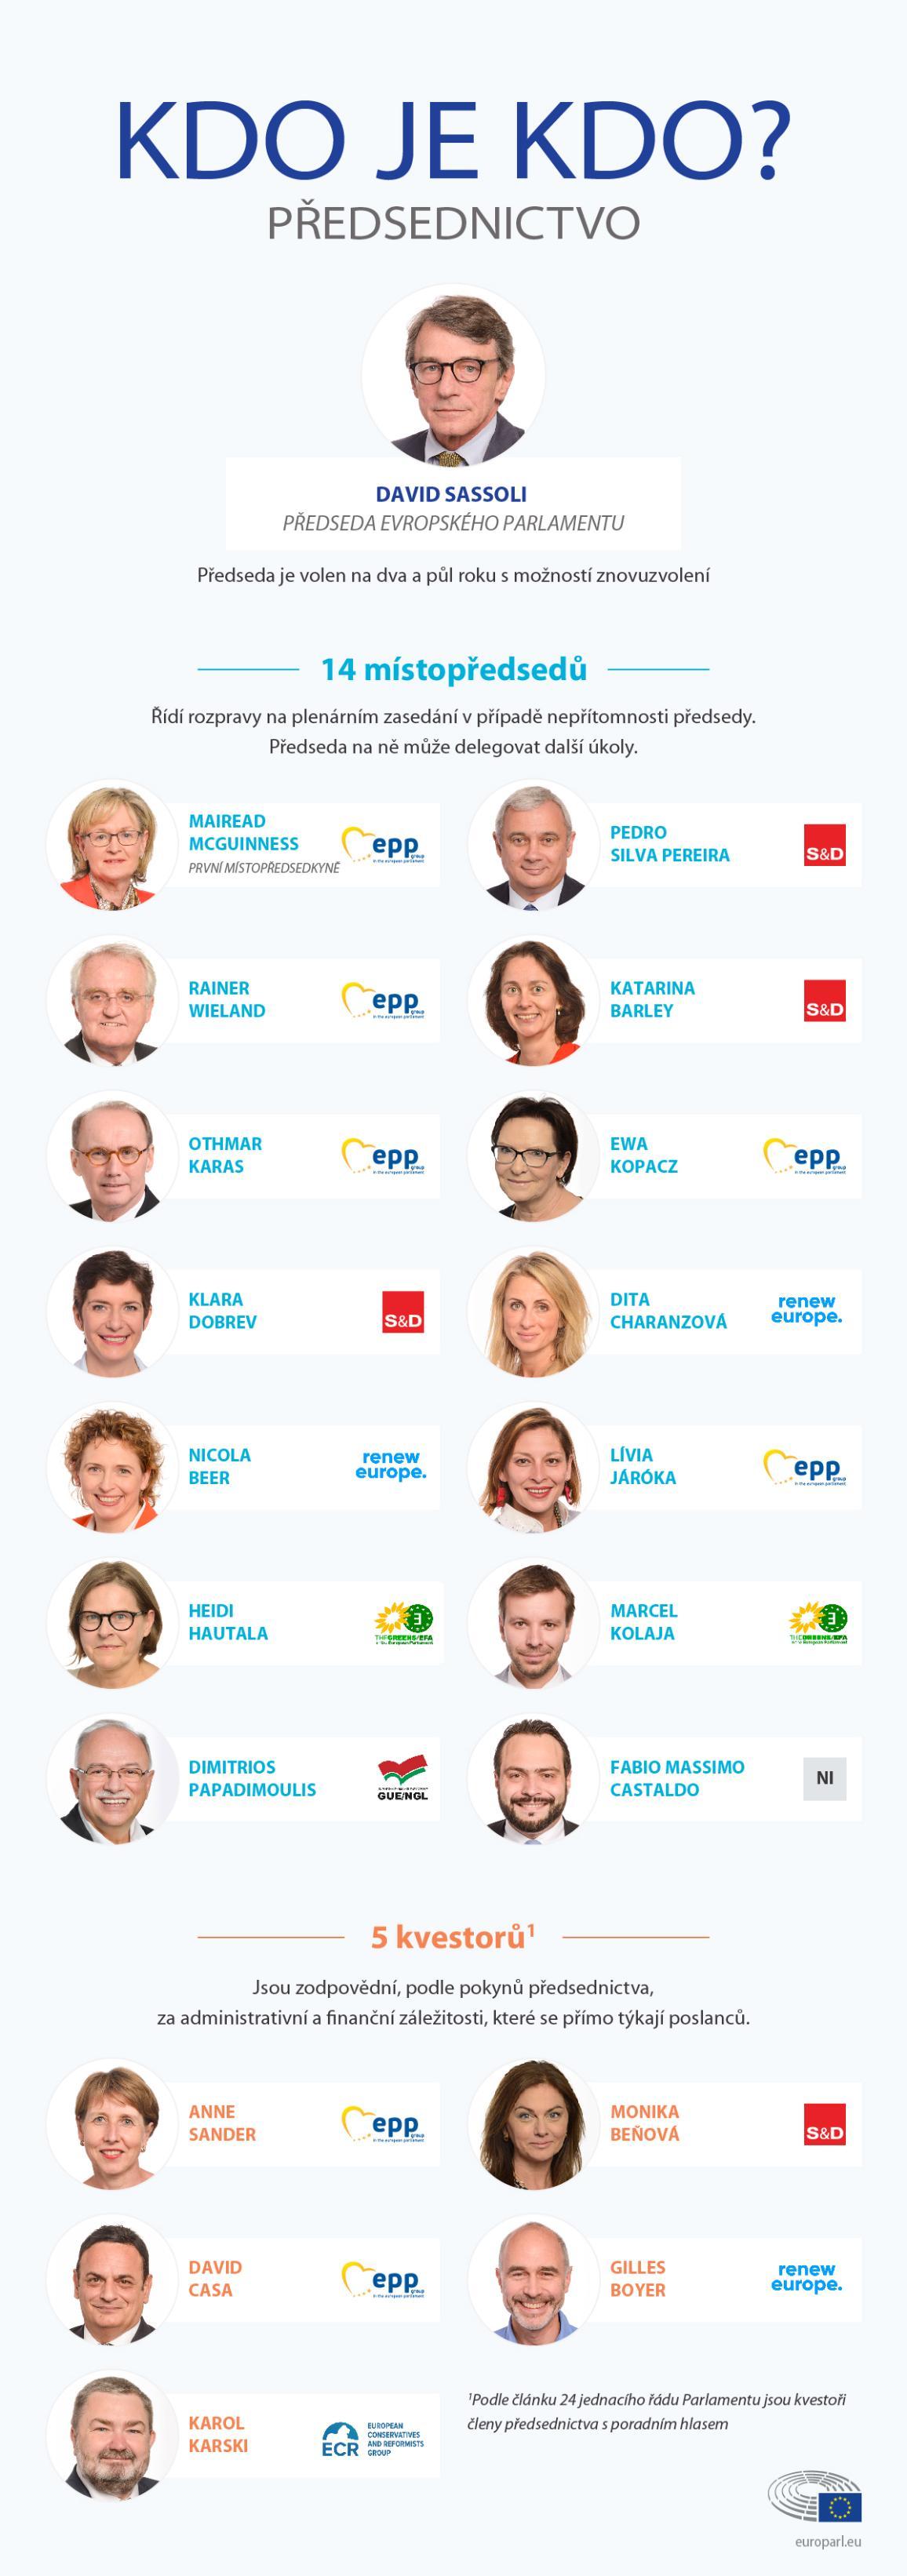 Kdo je kdo v předsednictvu EP © European Union 2019 -EP